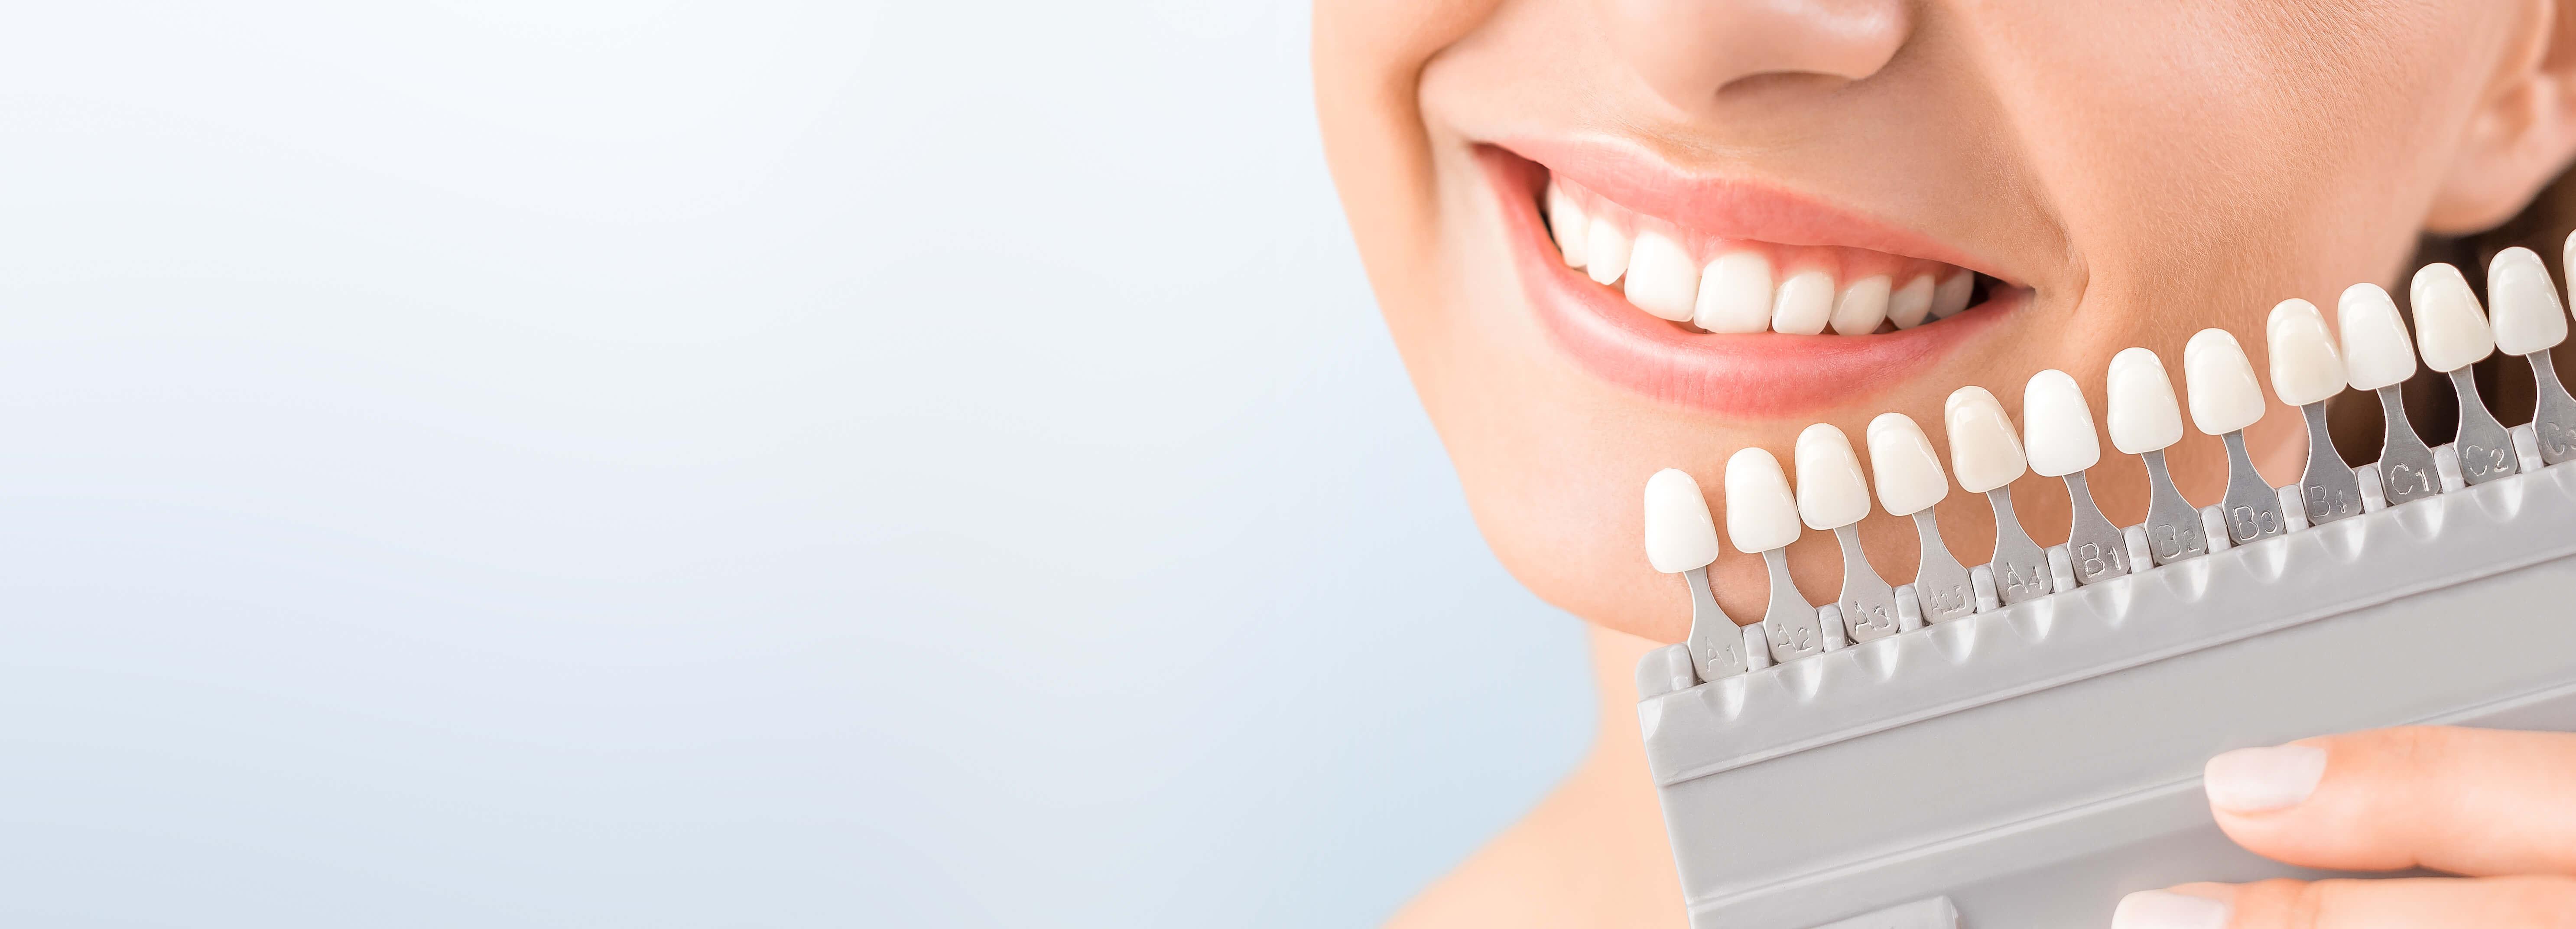 Dantų balinimas: kodėl tai verta patikėti profesionalams?